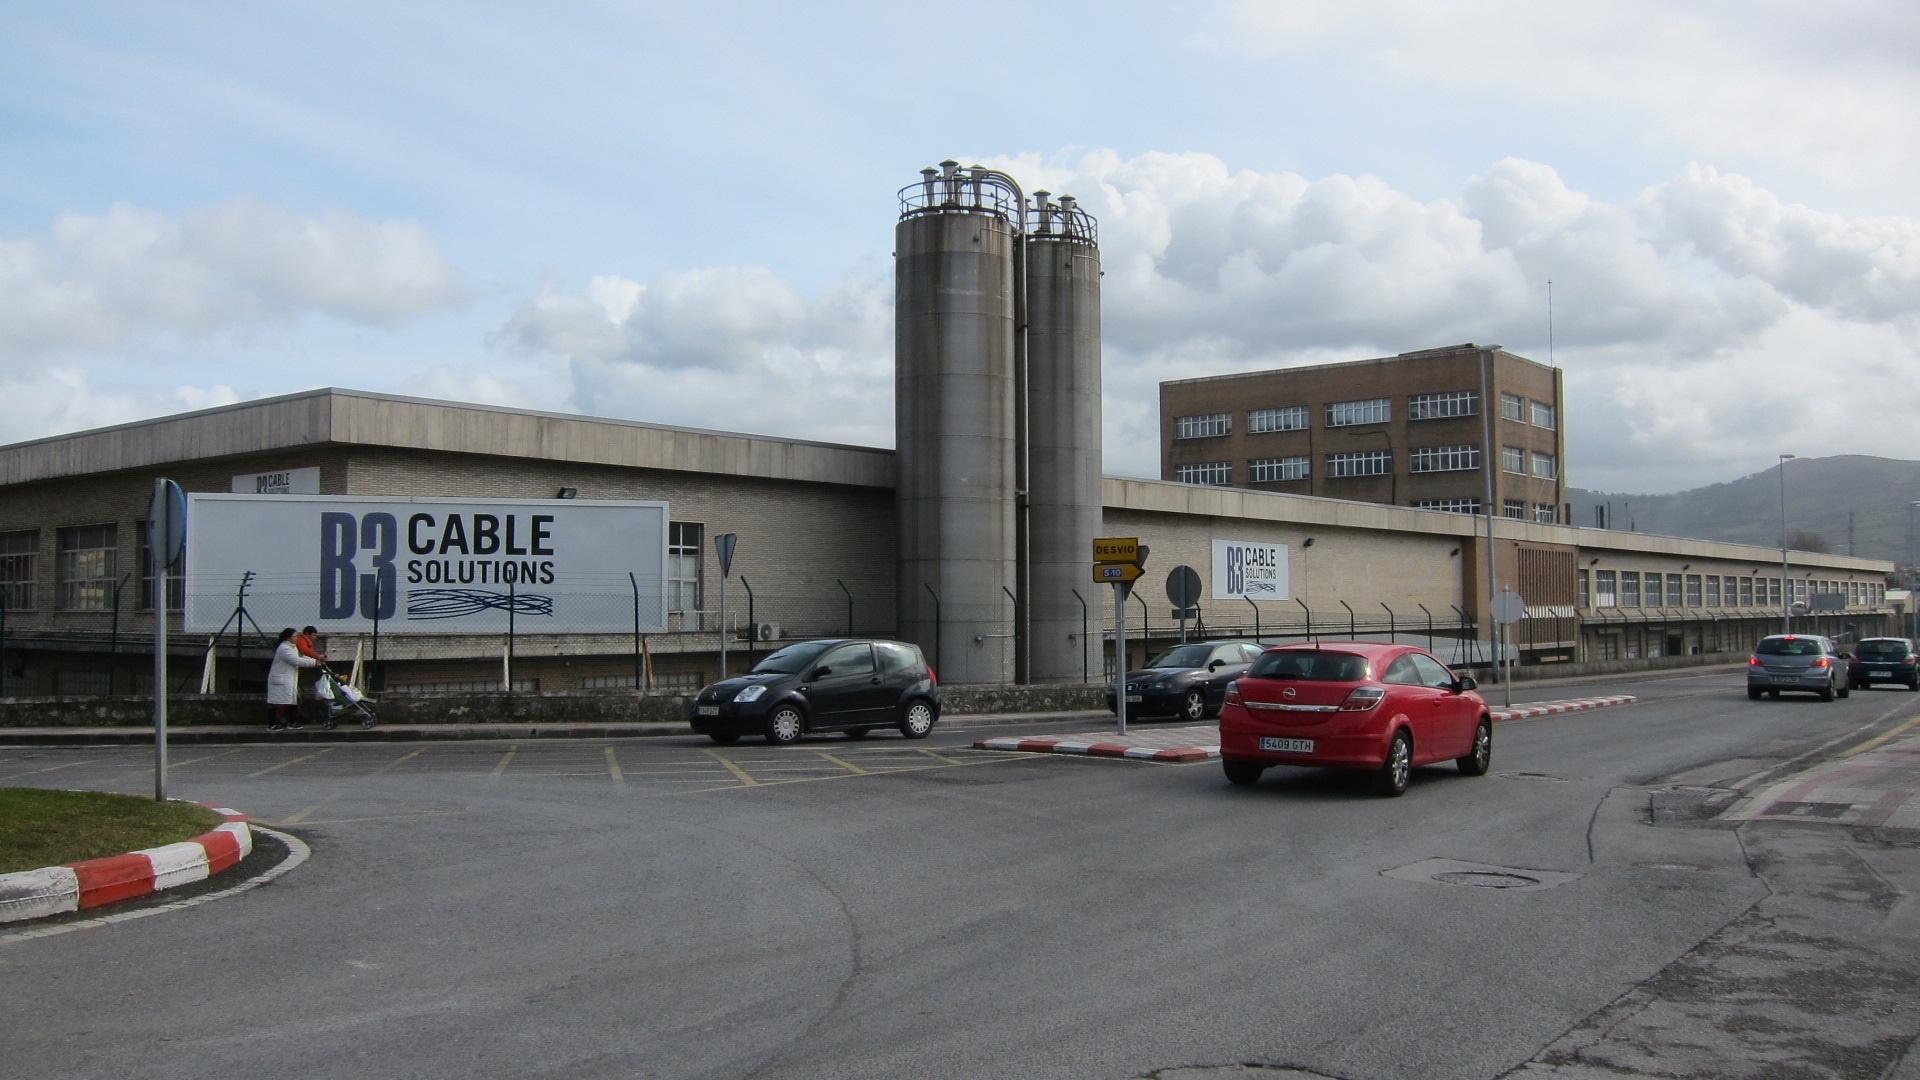 B3 Cable presenta un nuevo ERE temporal, de 4 meses y para toda la plantilla